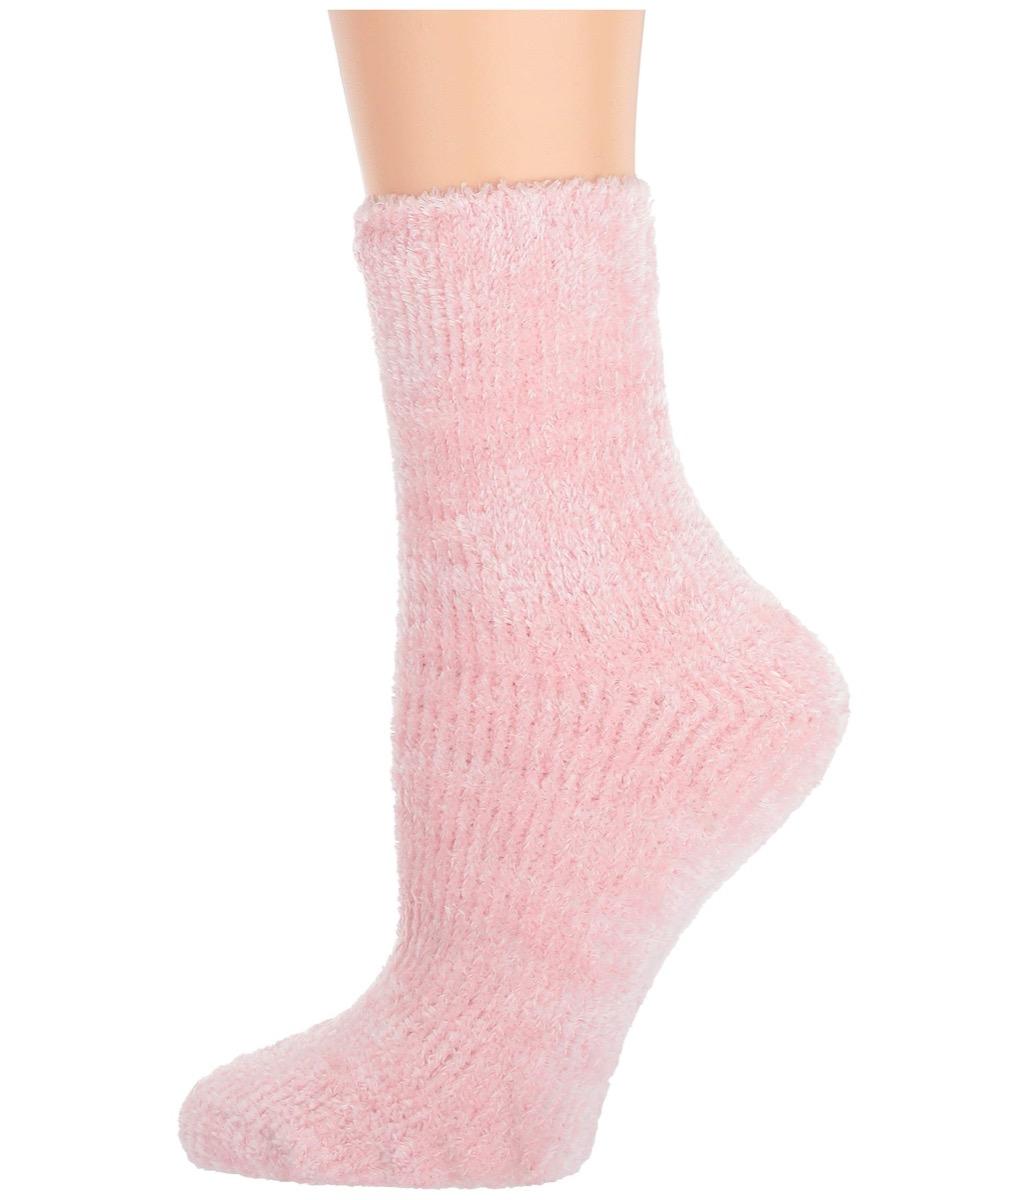 zappos-furry-socks